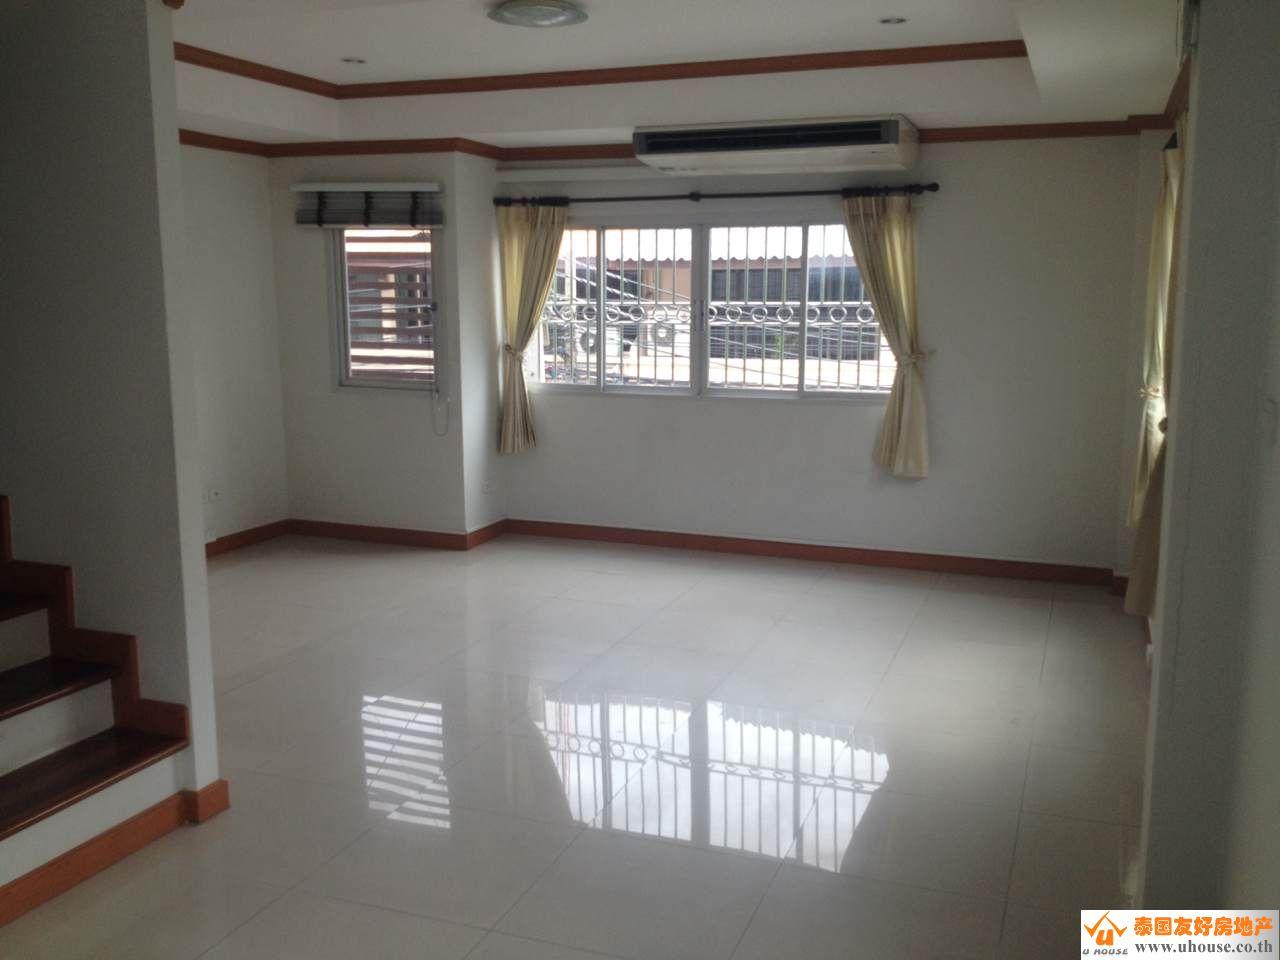 曼谷别墅,陶豪租售 - 泰国友好房地产